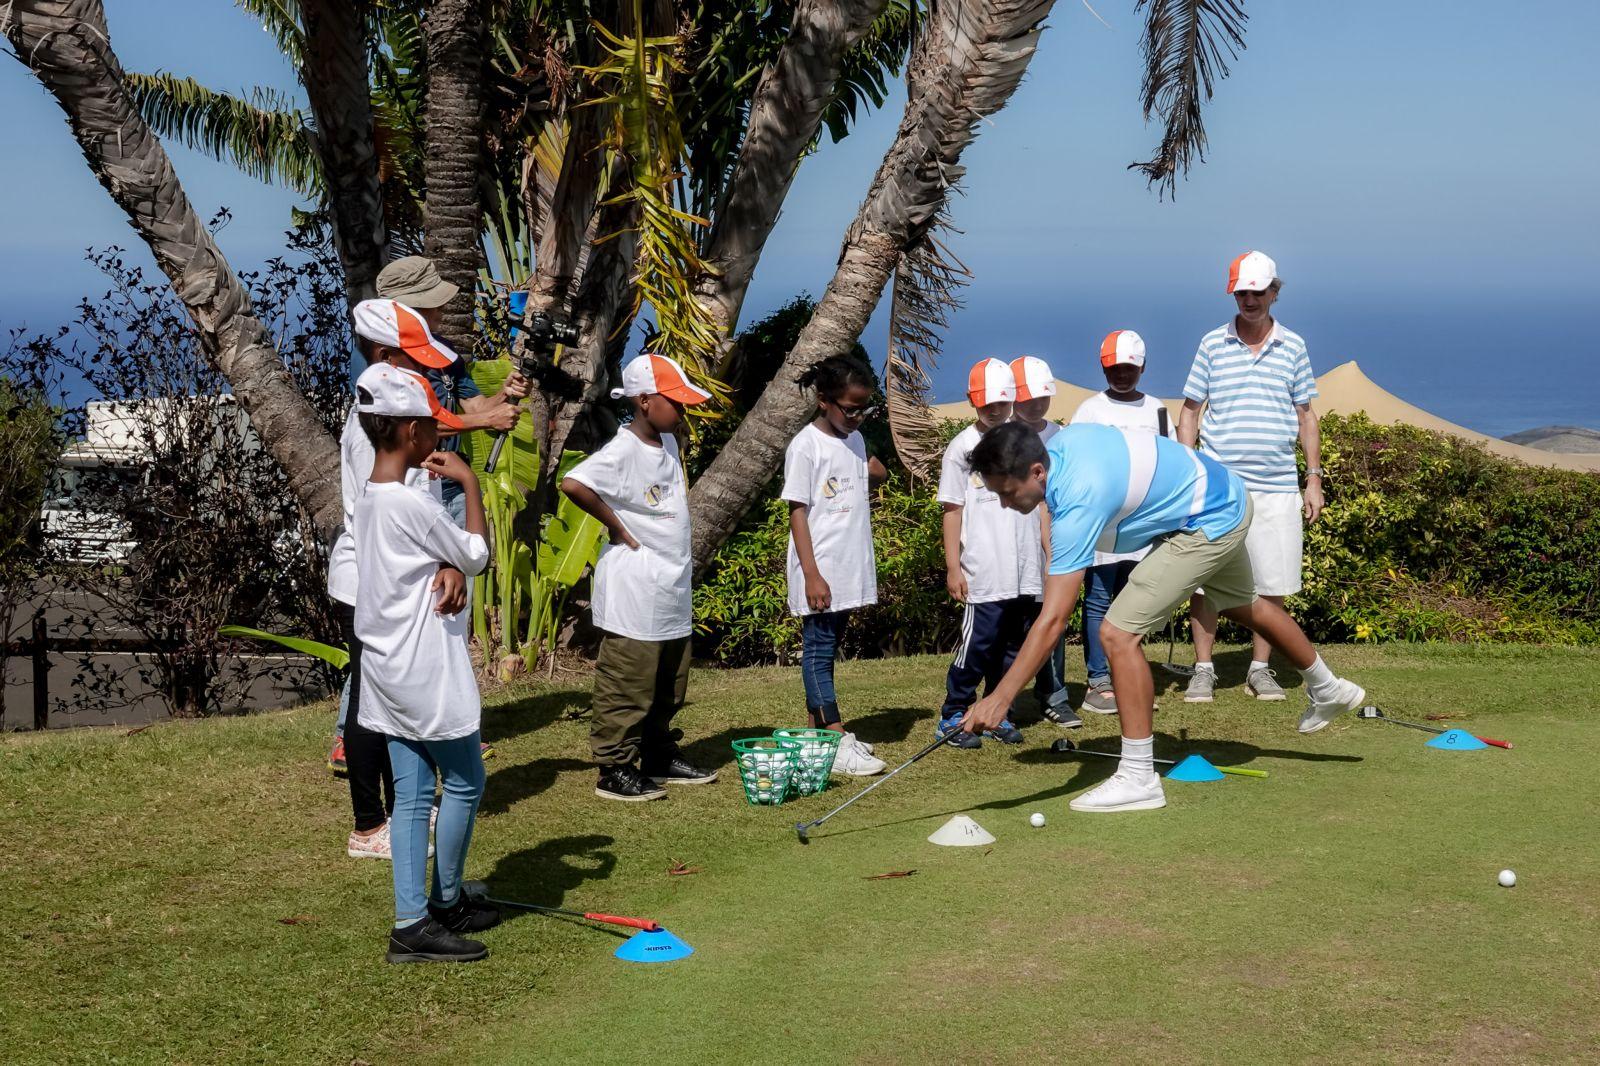 """<center>Les marmailles de 1000 Sourires<br> sur le """"green"""" du Golf du Bassin Bleu<br> avec le golfeur professionnel réunionnais <br>Christian Verrougstraete"""